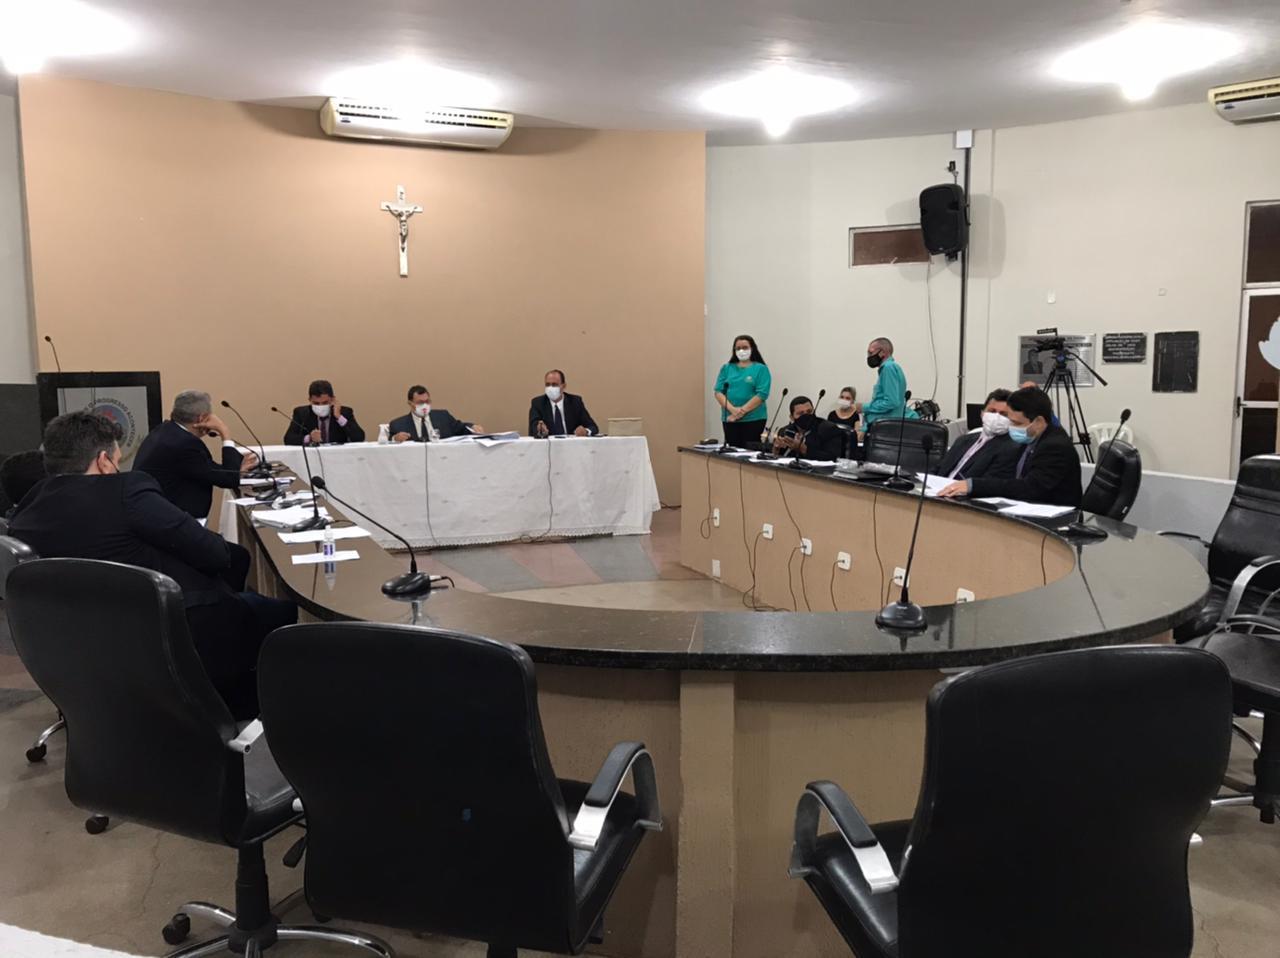 Vereadores aprovam reajuste no salário de servidores efetivos da Câmara Municipal